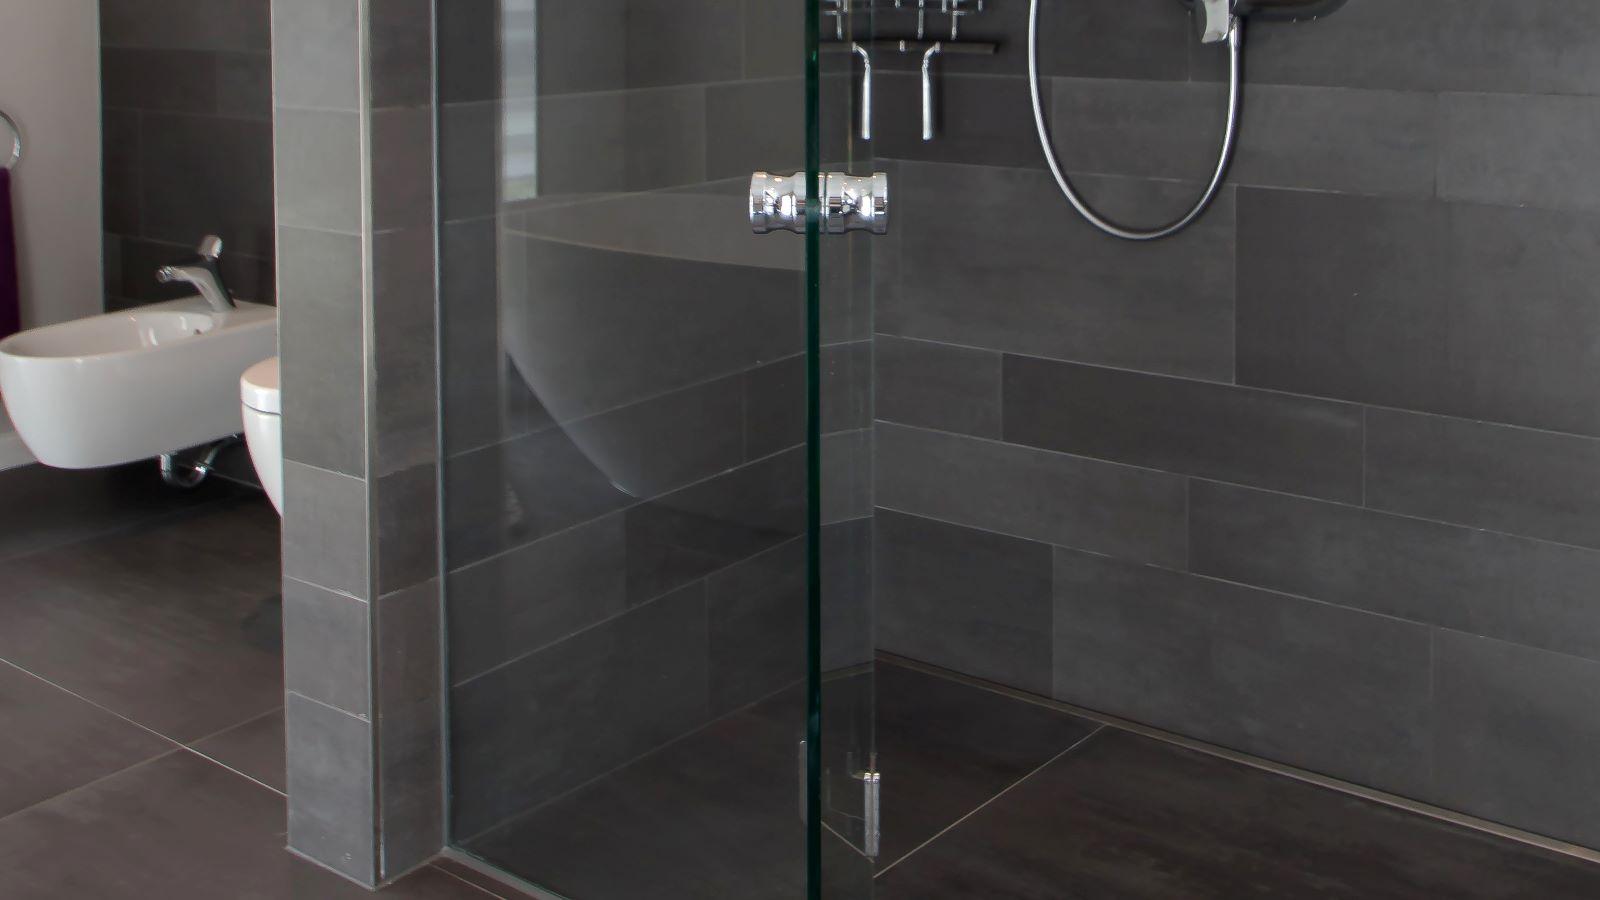 Auf dem bild sichtbar ist die in einer grossen dusche wandbuendig montierte , extra lange v4a edelstahl-duschrinne pro in kombination mit grossformatigen, pflegeleichten fliesen. Cm-genau massgefertigt bis 600 cm laenge laesst sich die duschrinne pro einfach montieren. Die hier gezeigte, sehr lange variante der duschrinne pro ermoeglicht eine sehr gute linienentwaesserung der bodengleichen dusche